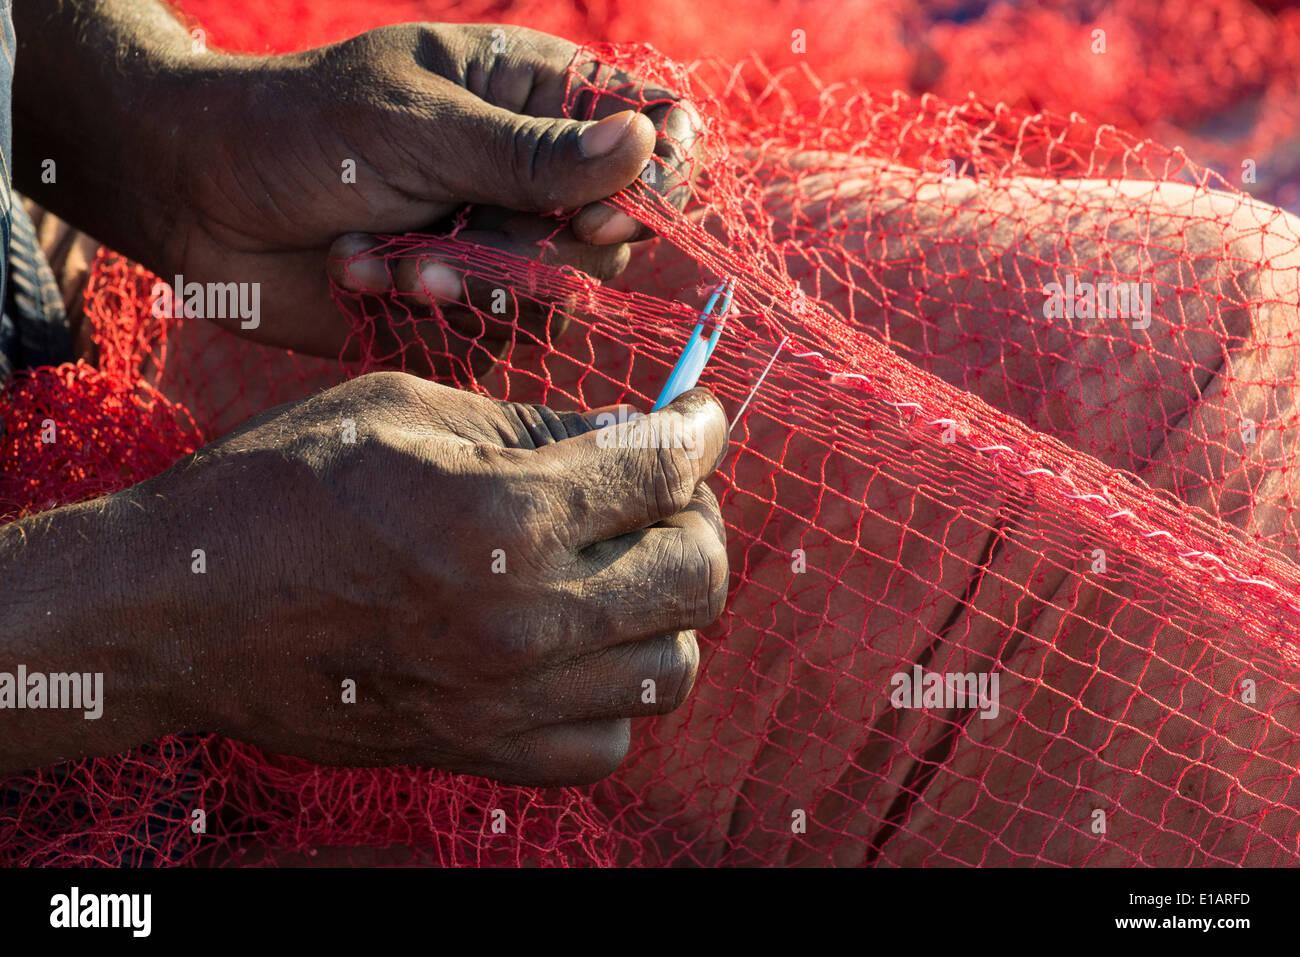 Die Hände eines Fischers Reparatur Fischernetze, Varkala, Kerala, Indien Stockbild